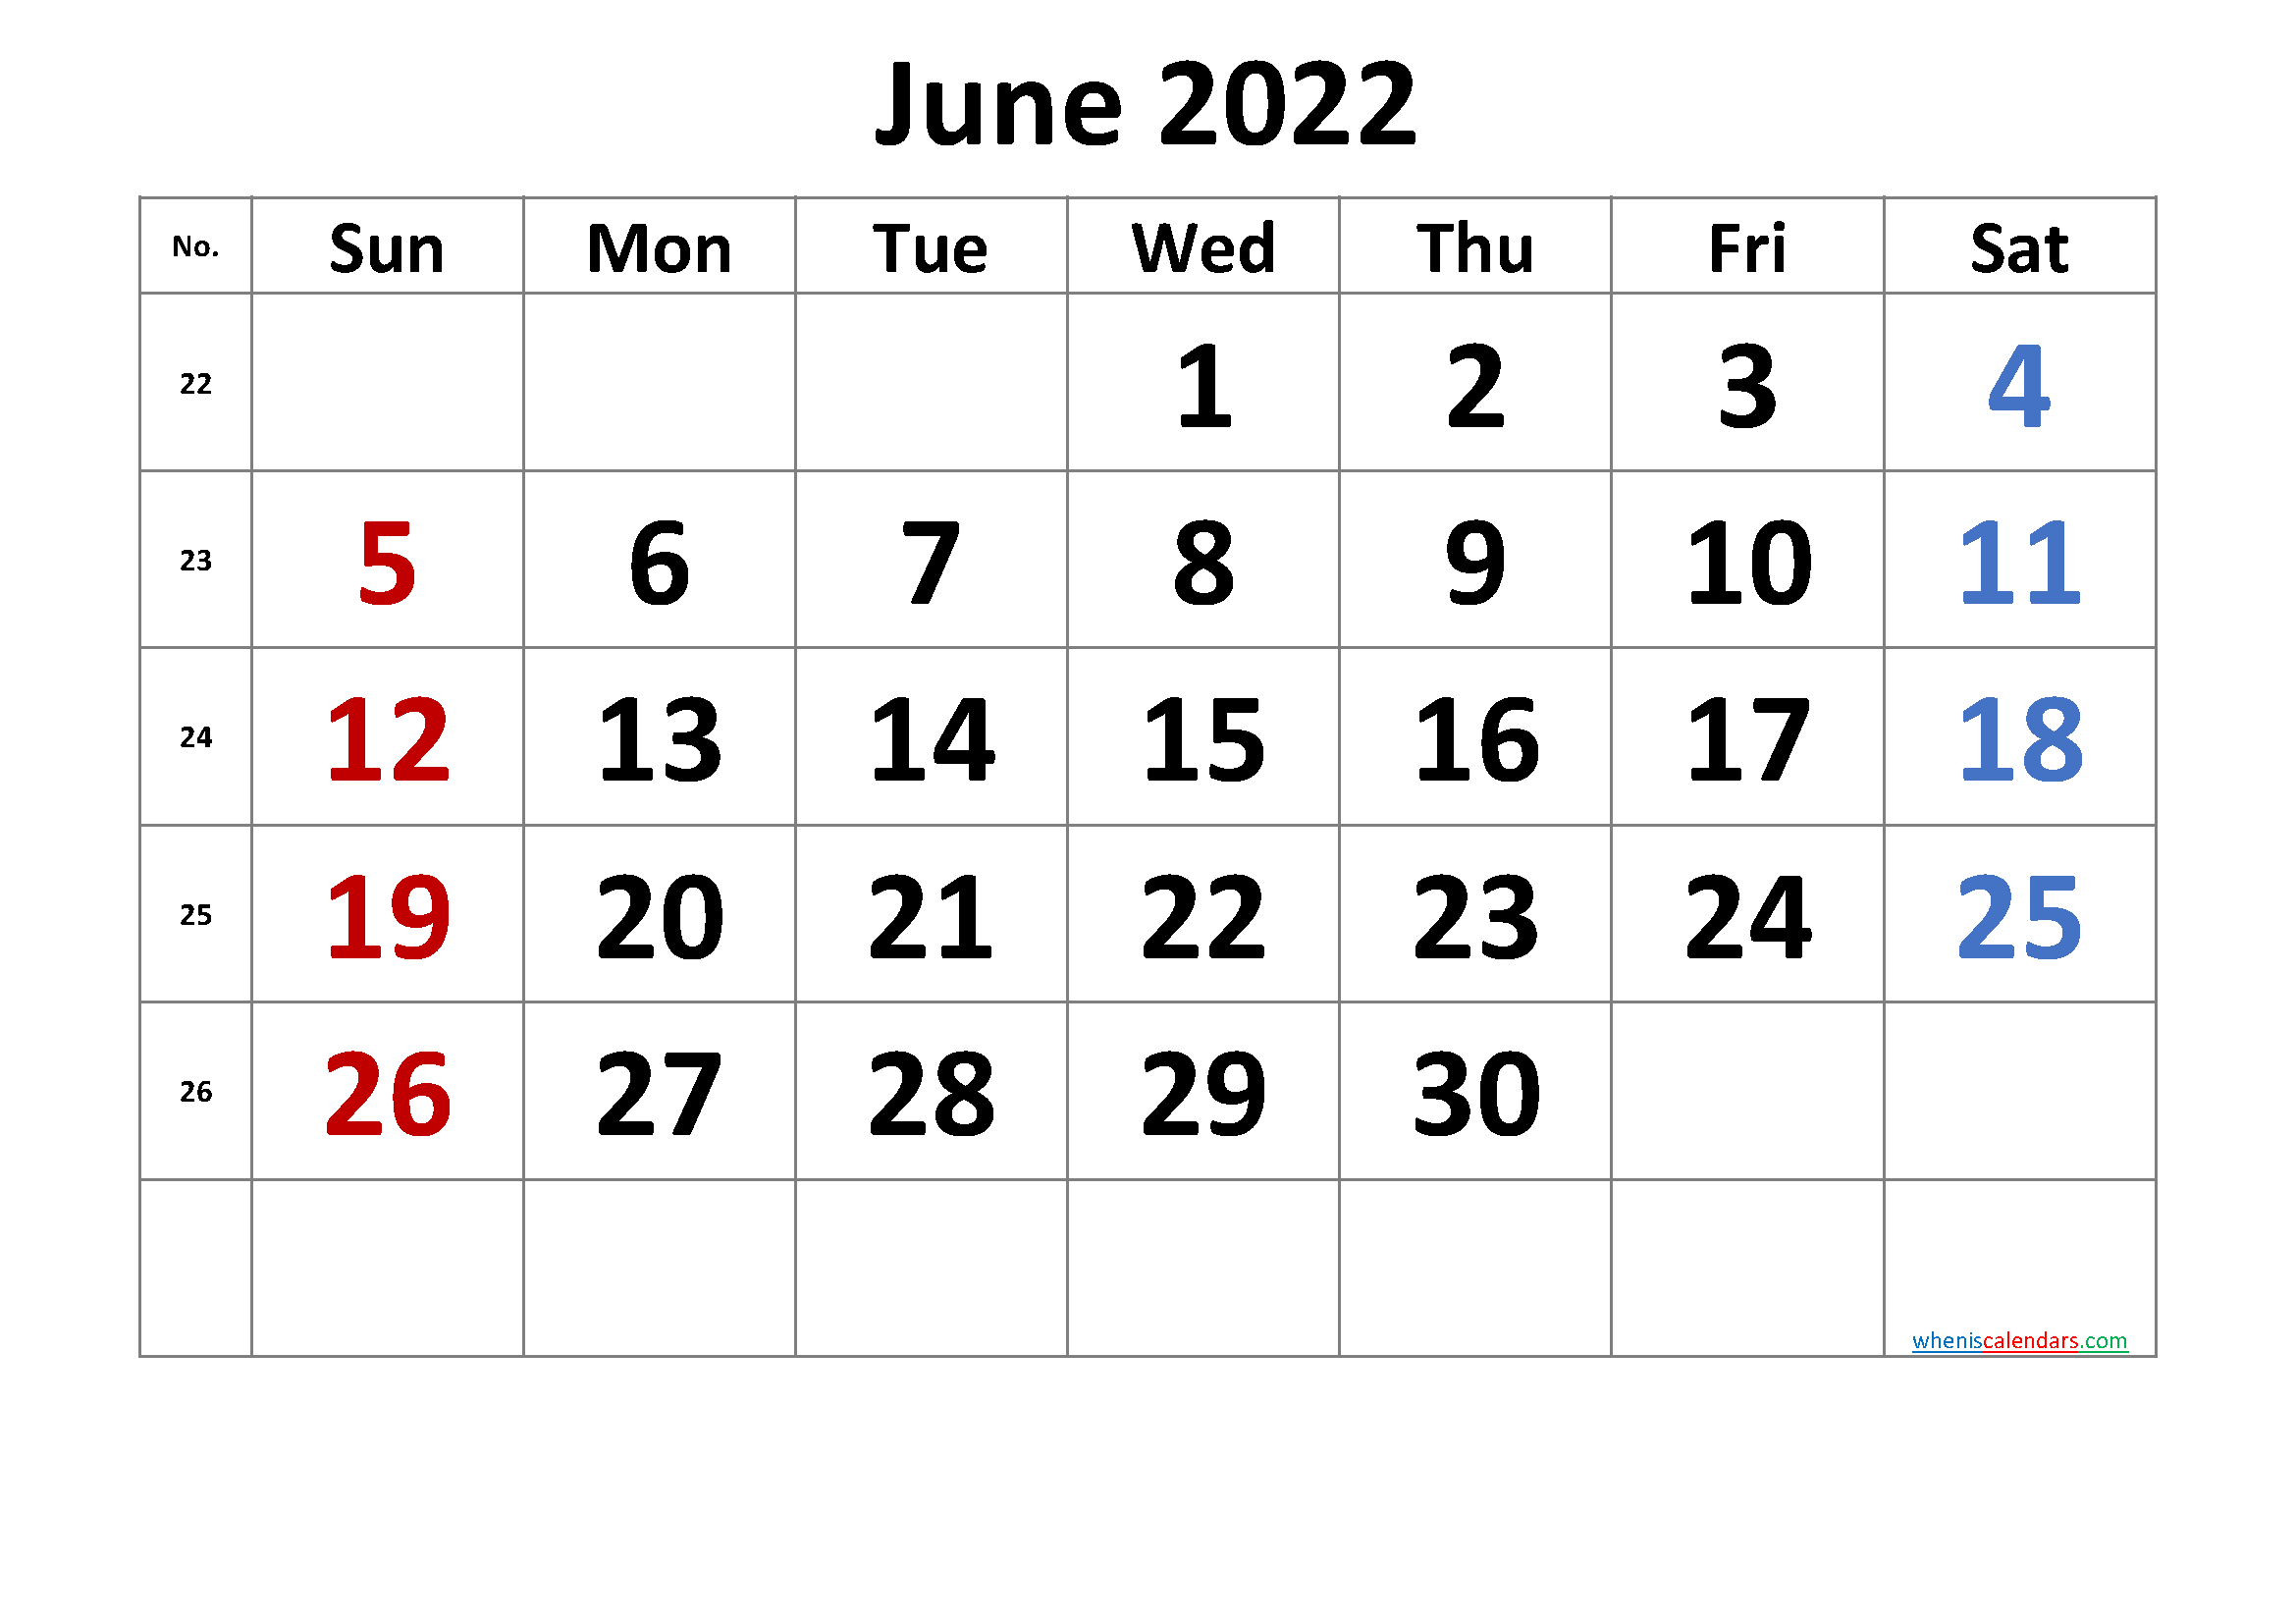 [%June 2022 Printable Calendar [Free Premium]|June 2022 Calendar Template|June 2022 Calendar Template%]